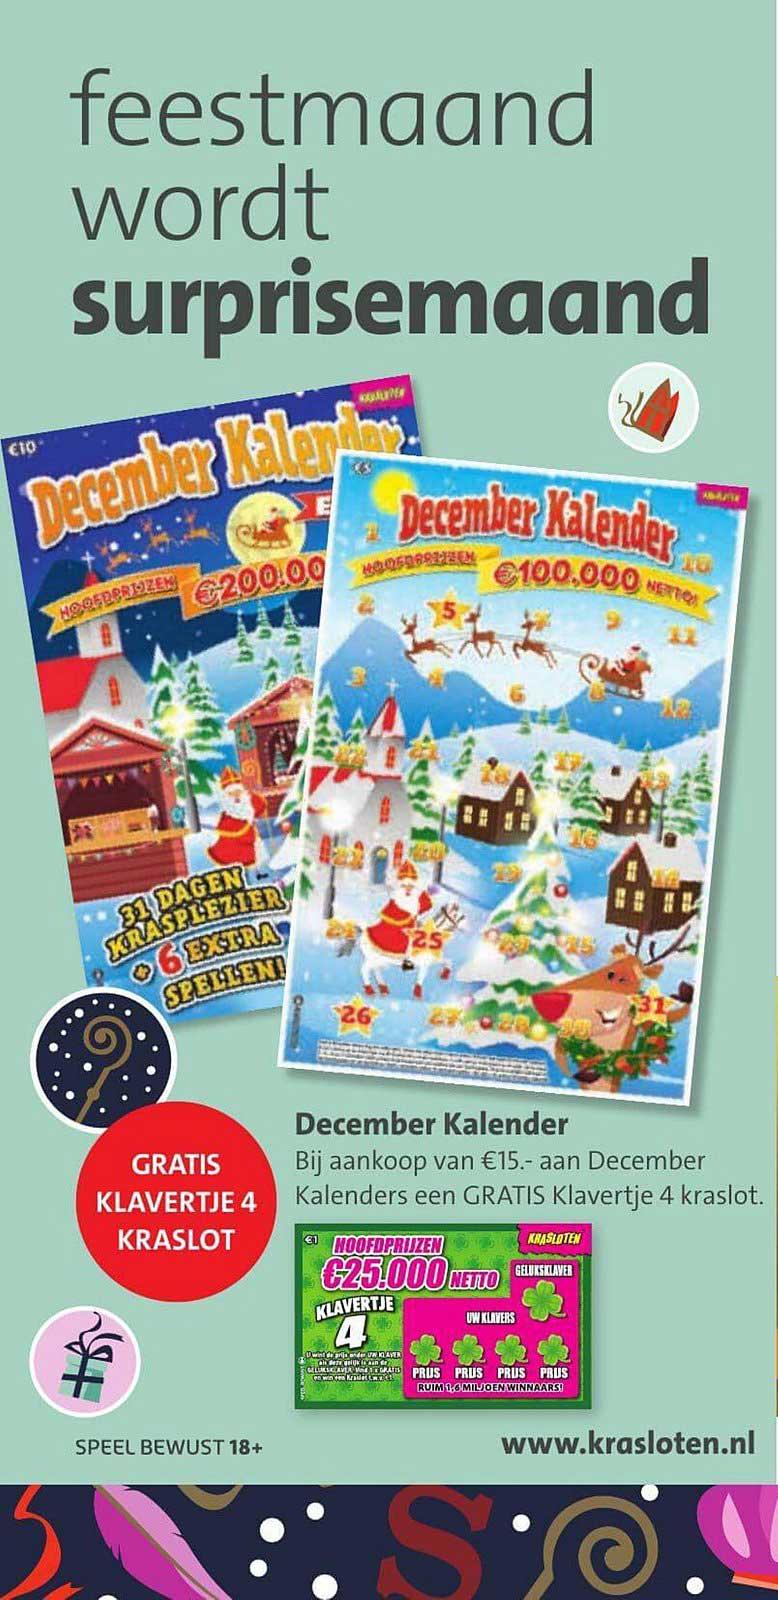 Bruna December Kalender